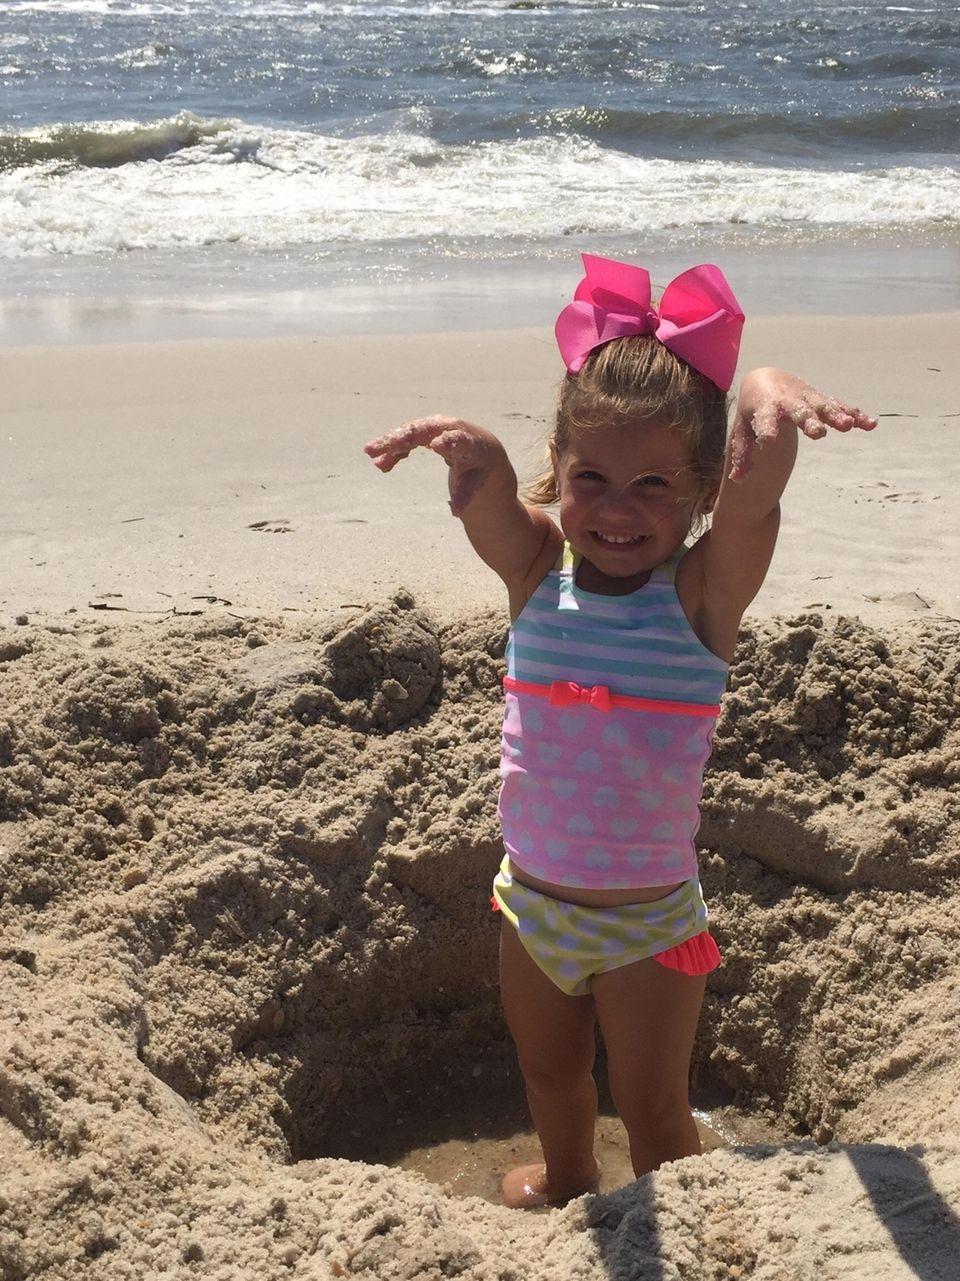 Payton Anci enjoying Lanor Day at TOBAY beach